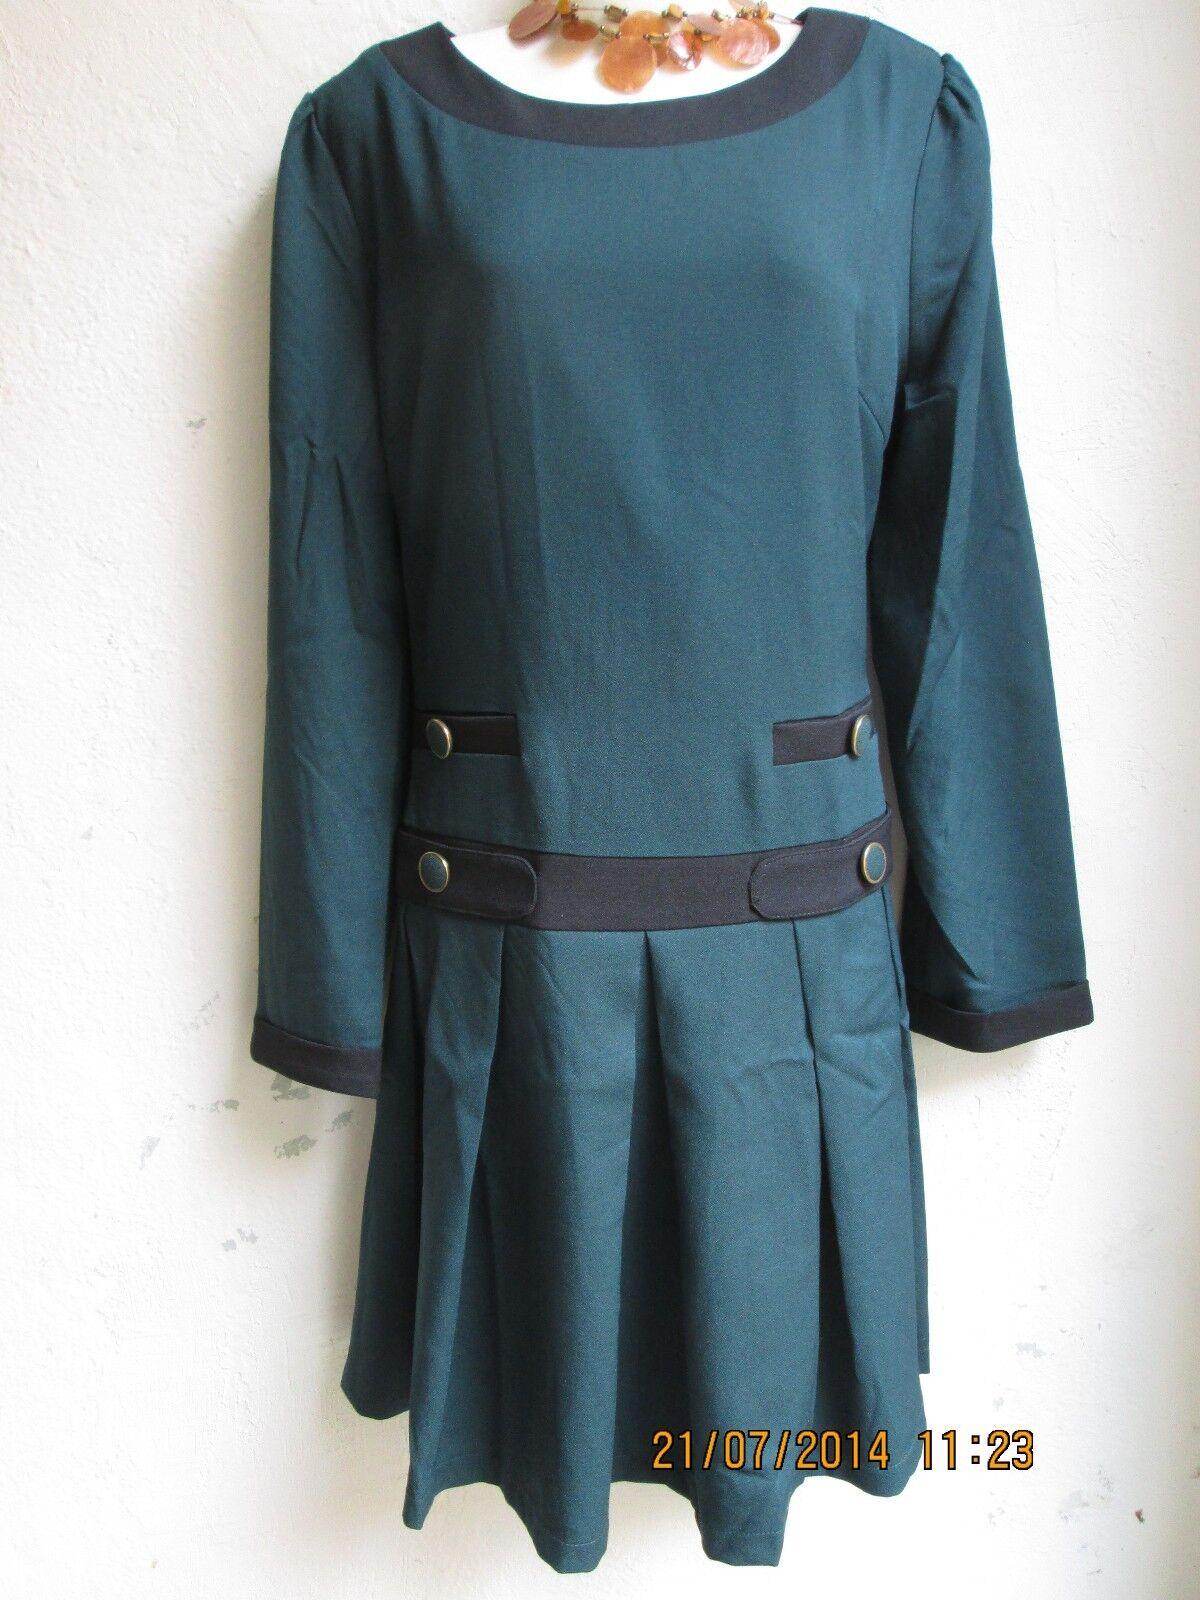 Kling Kleid Stiefelkleid Dunkelgrün Gr. M L  Gothic Rockabilly Retro Vintage